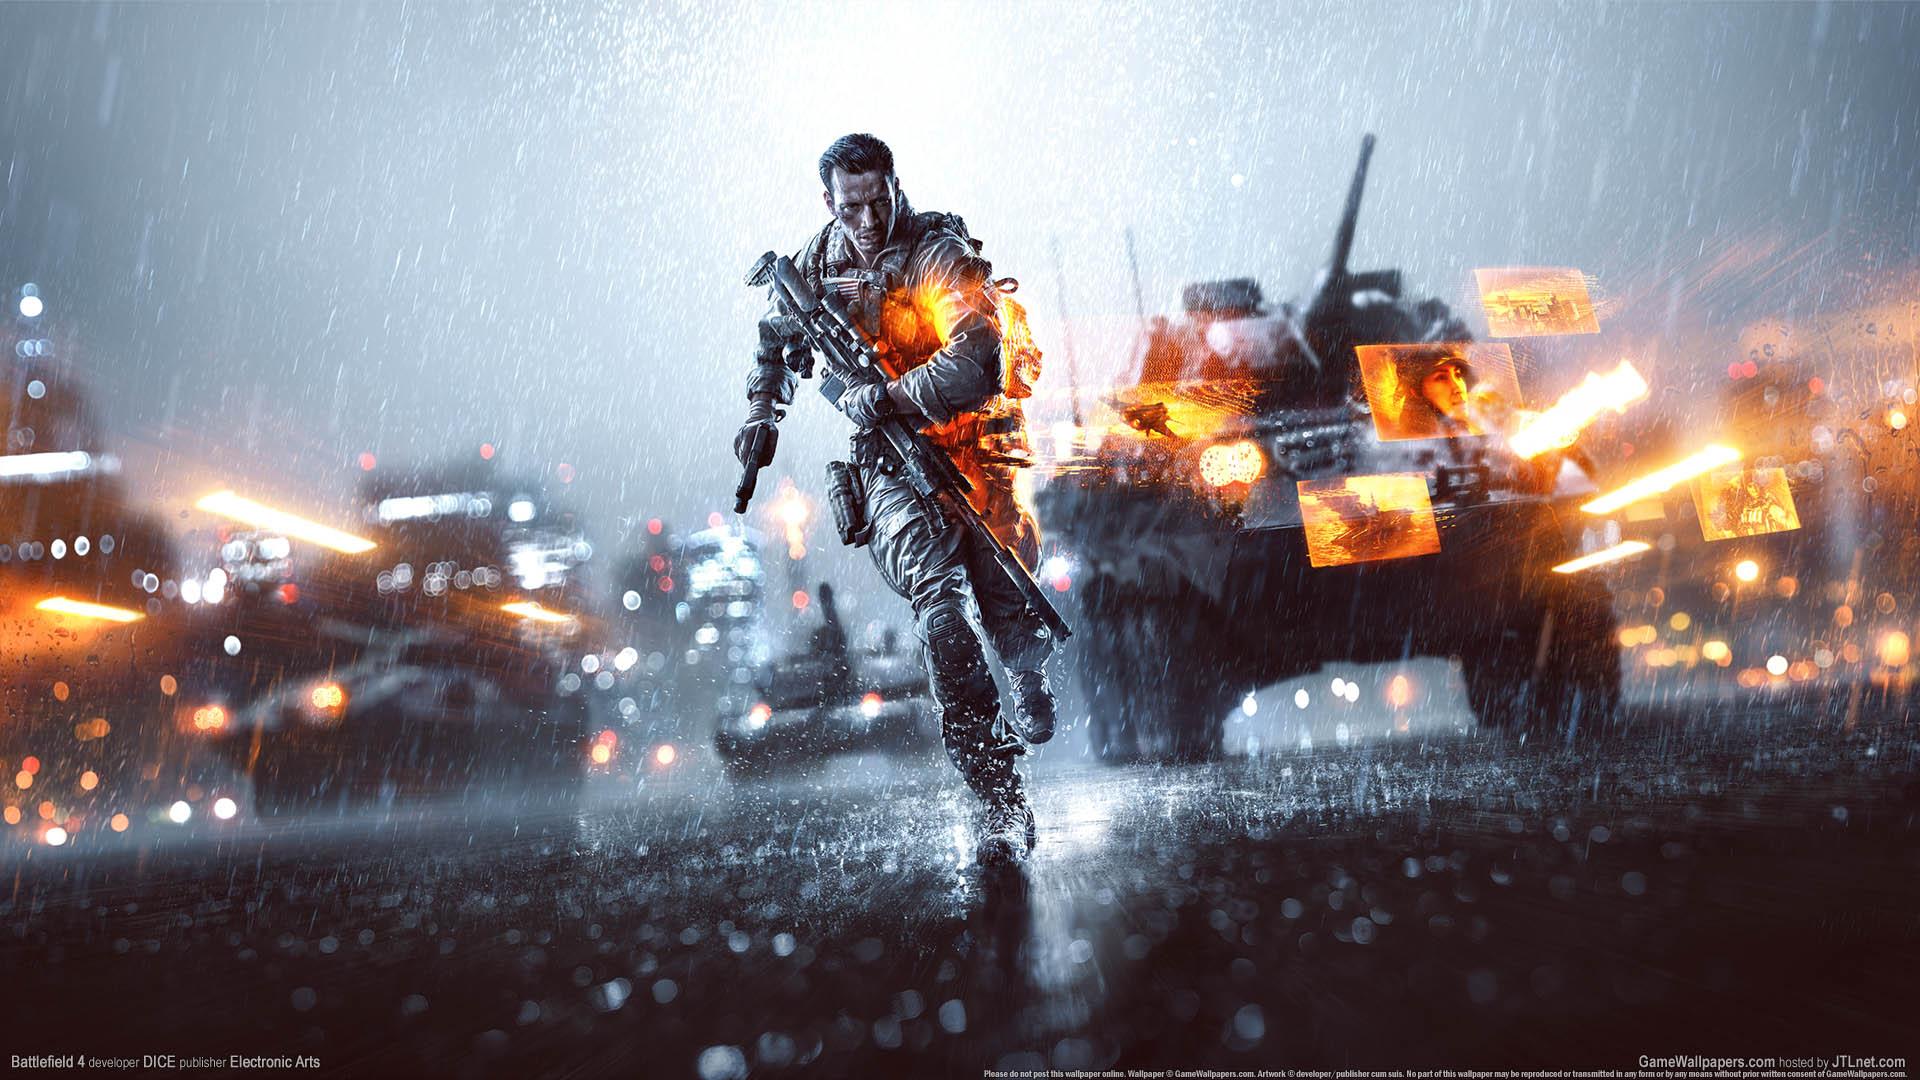 Battlefield 4 fond d'écran 01 1920x1080